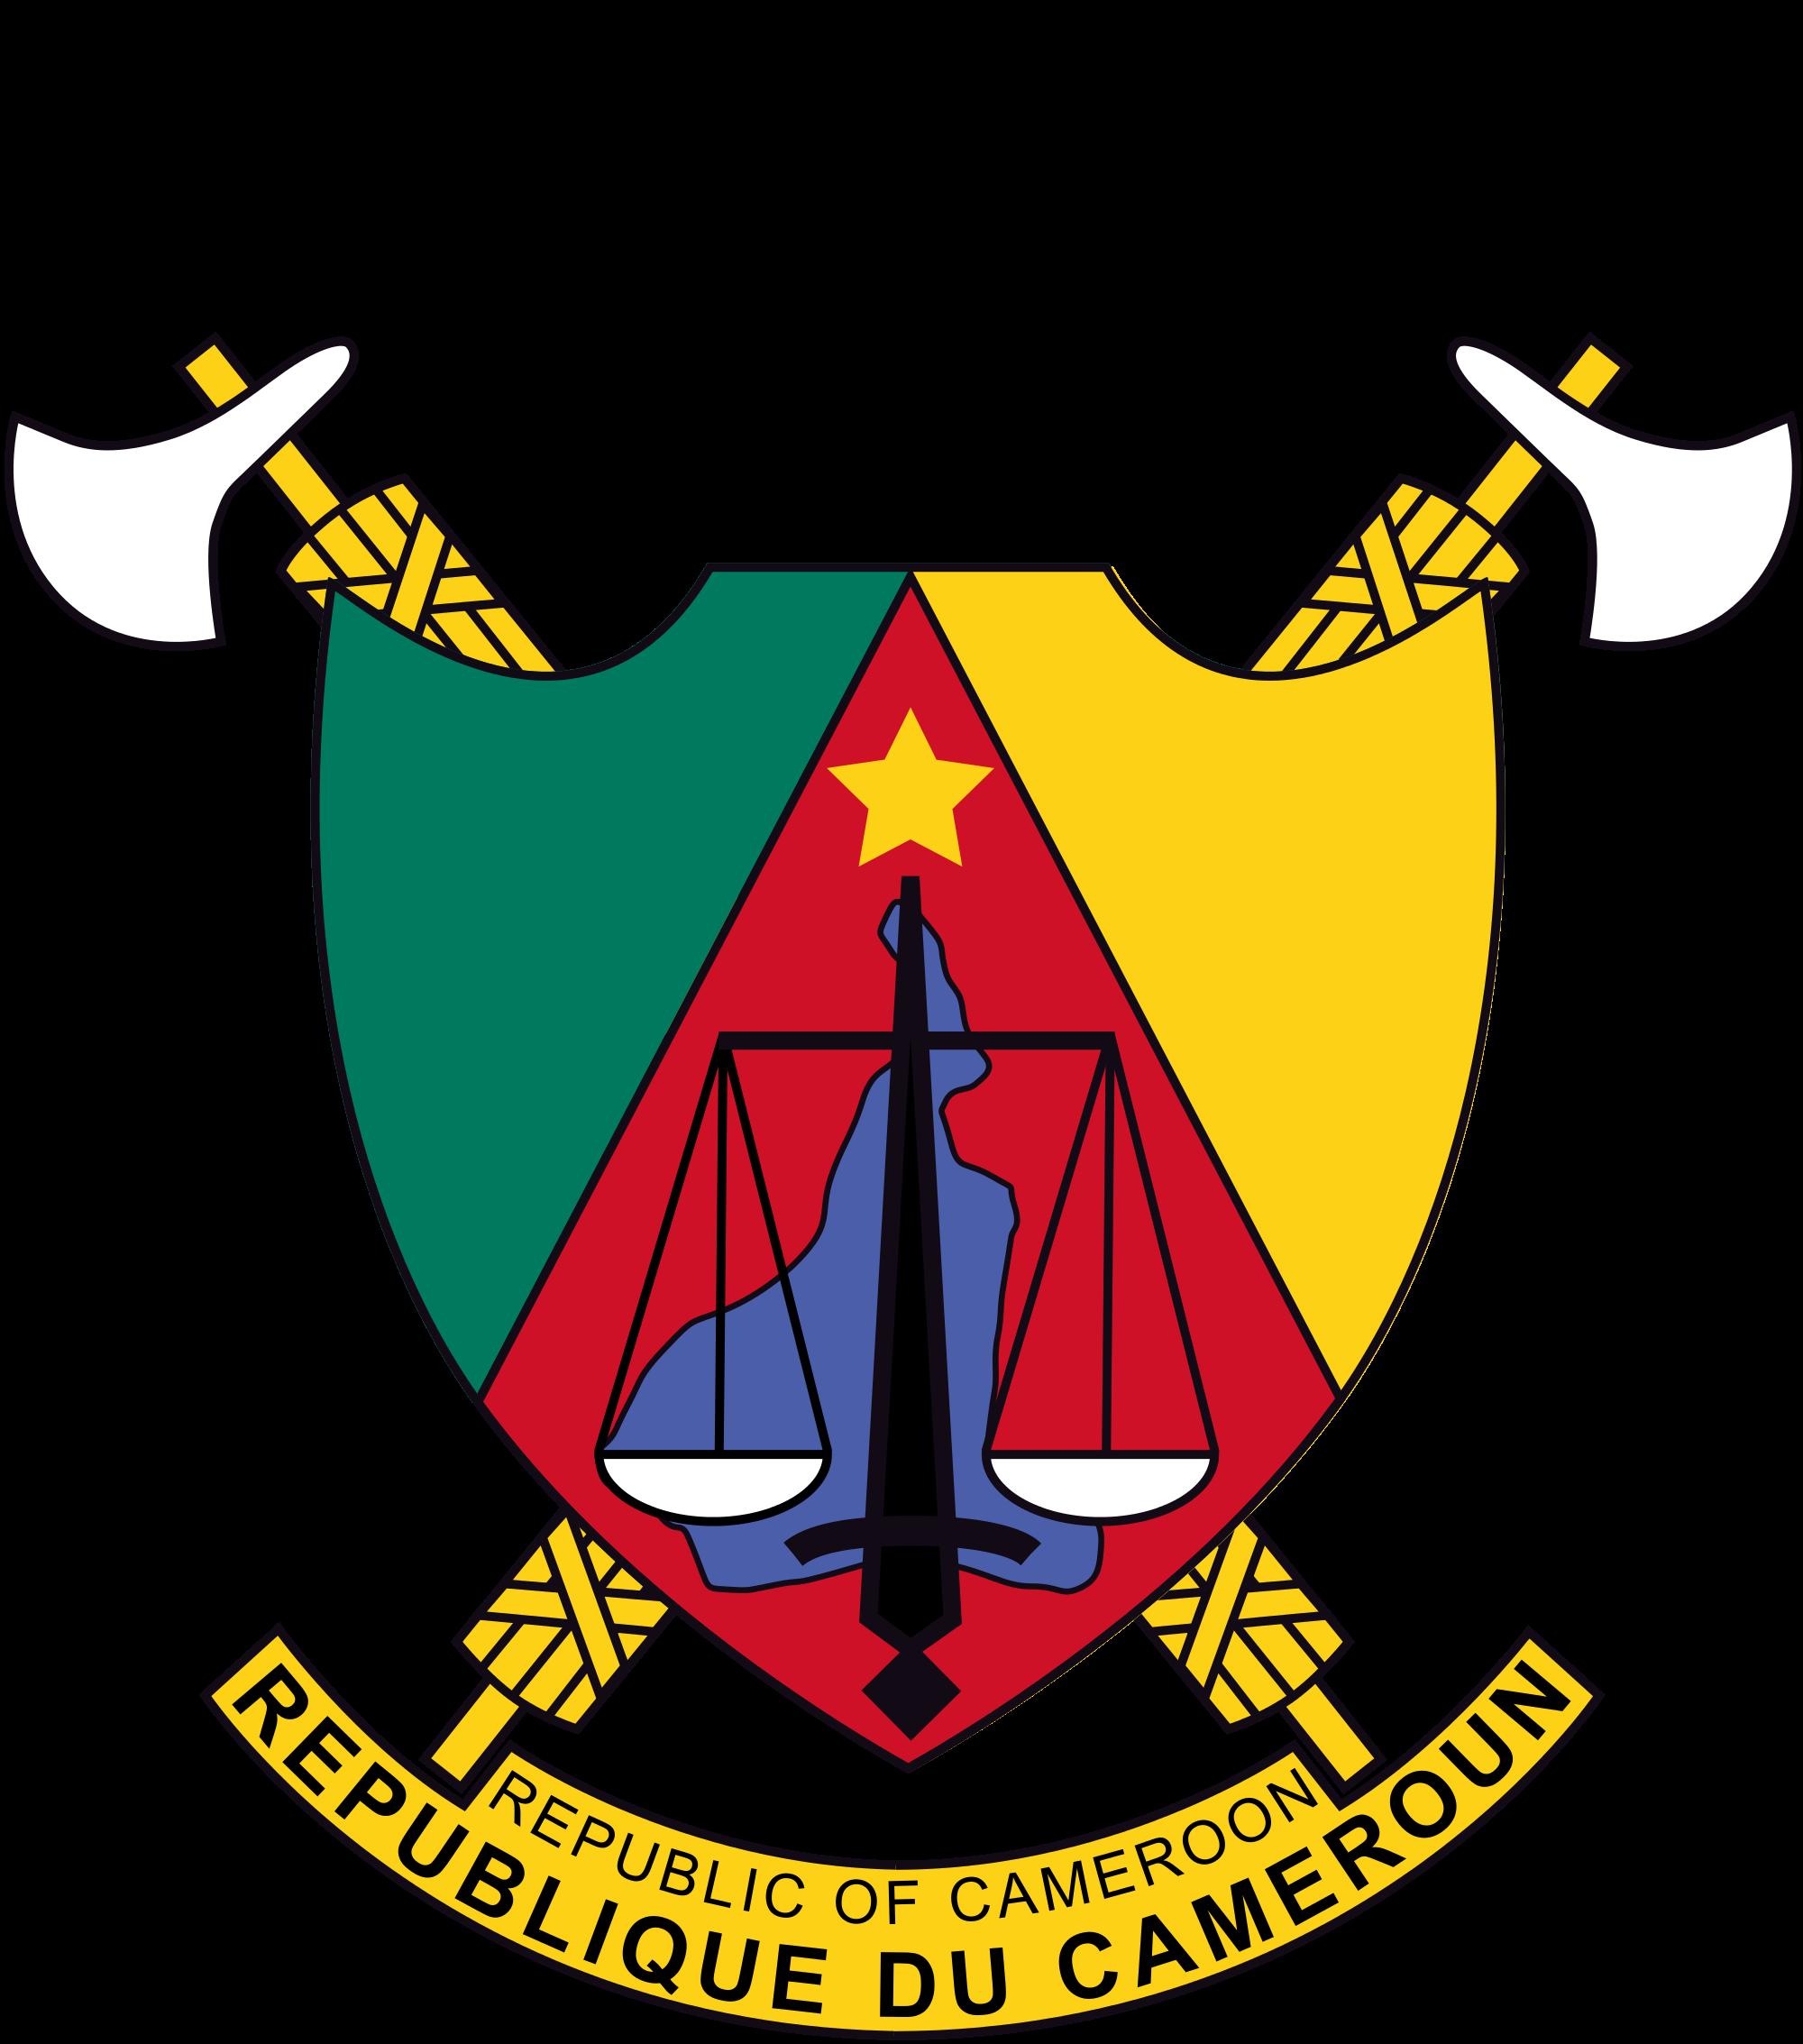 Kamerunin vaakuna